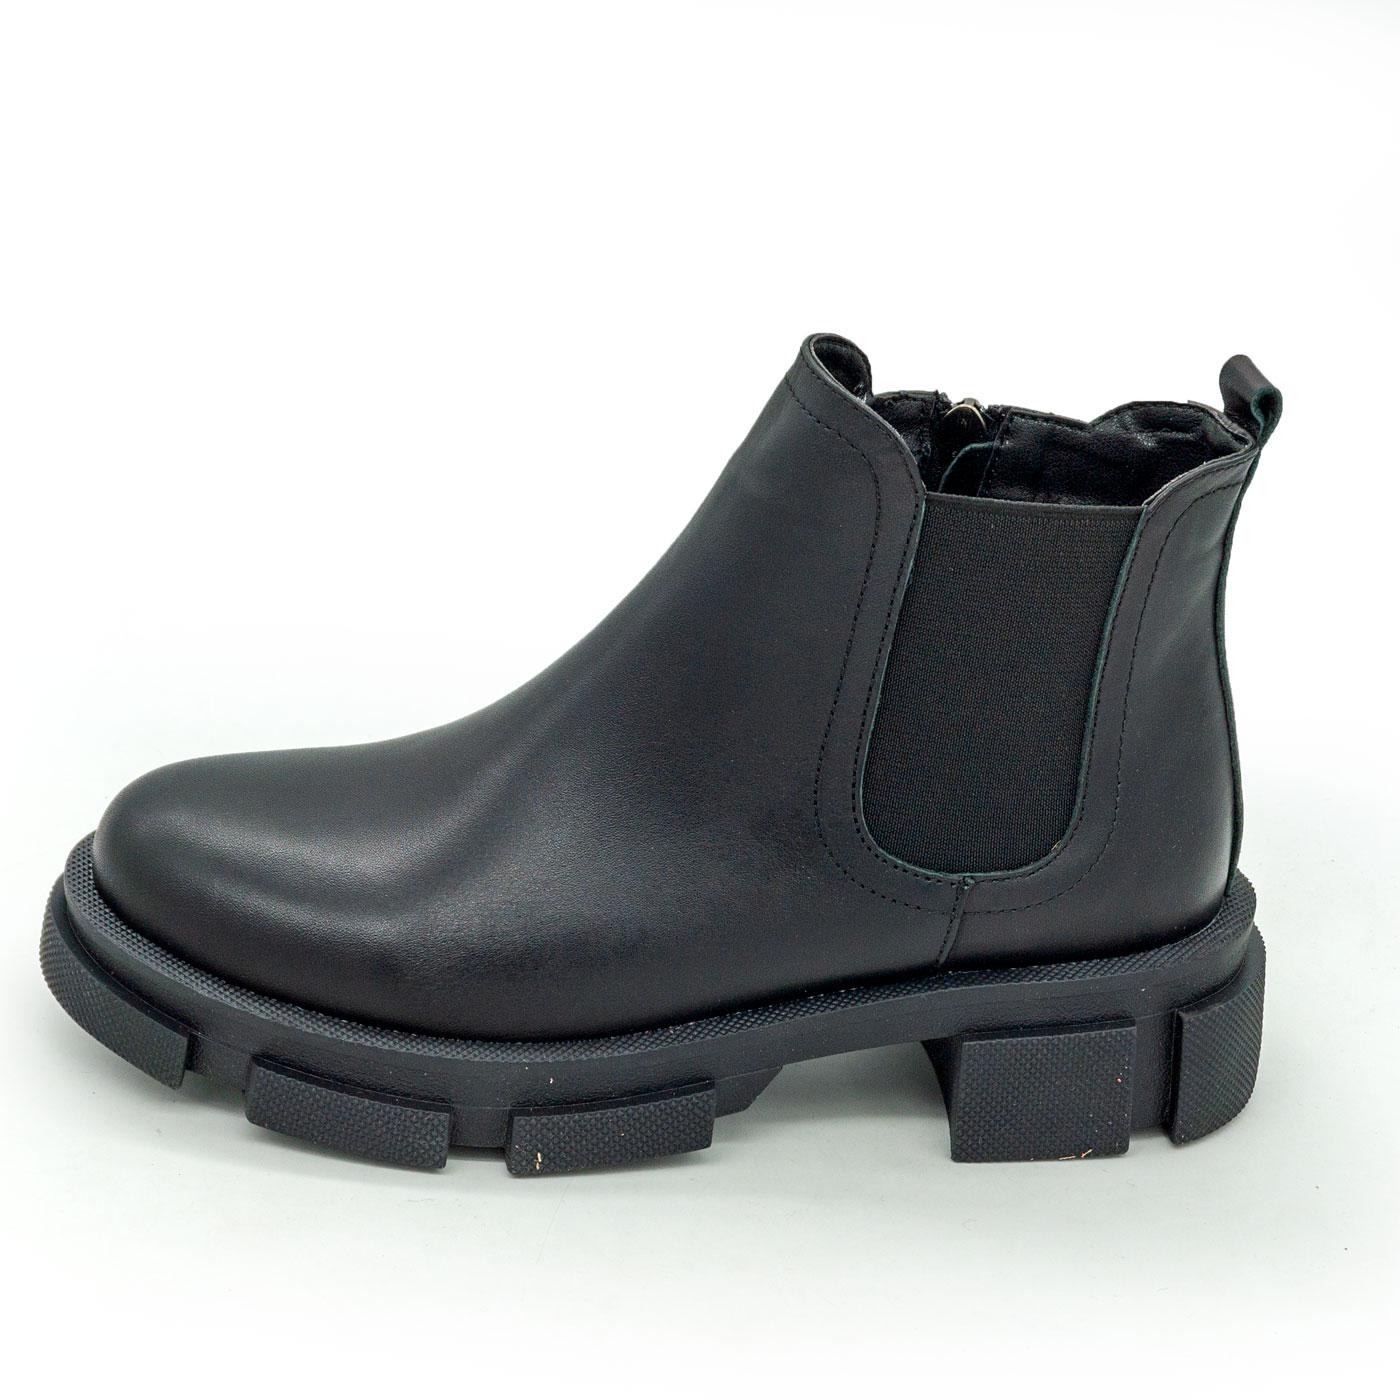 фото main Черные женские туфли Dr. Martens chelsea, натуральная кожа main